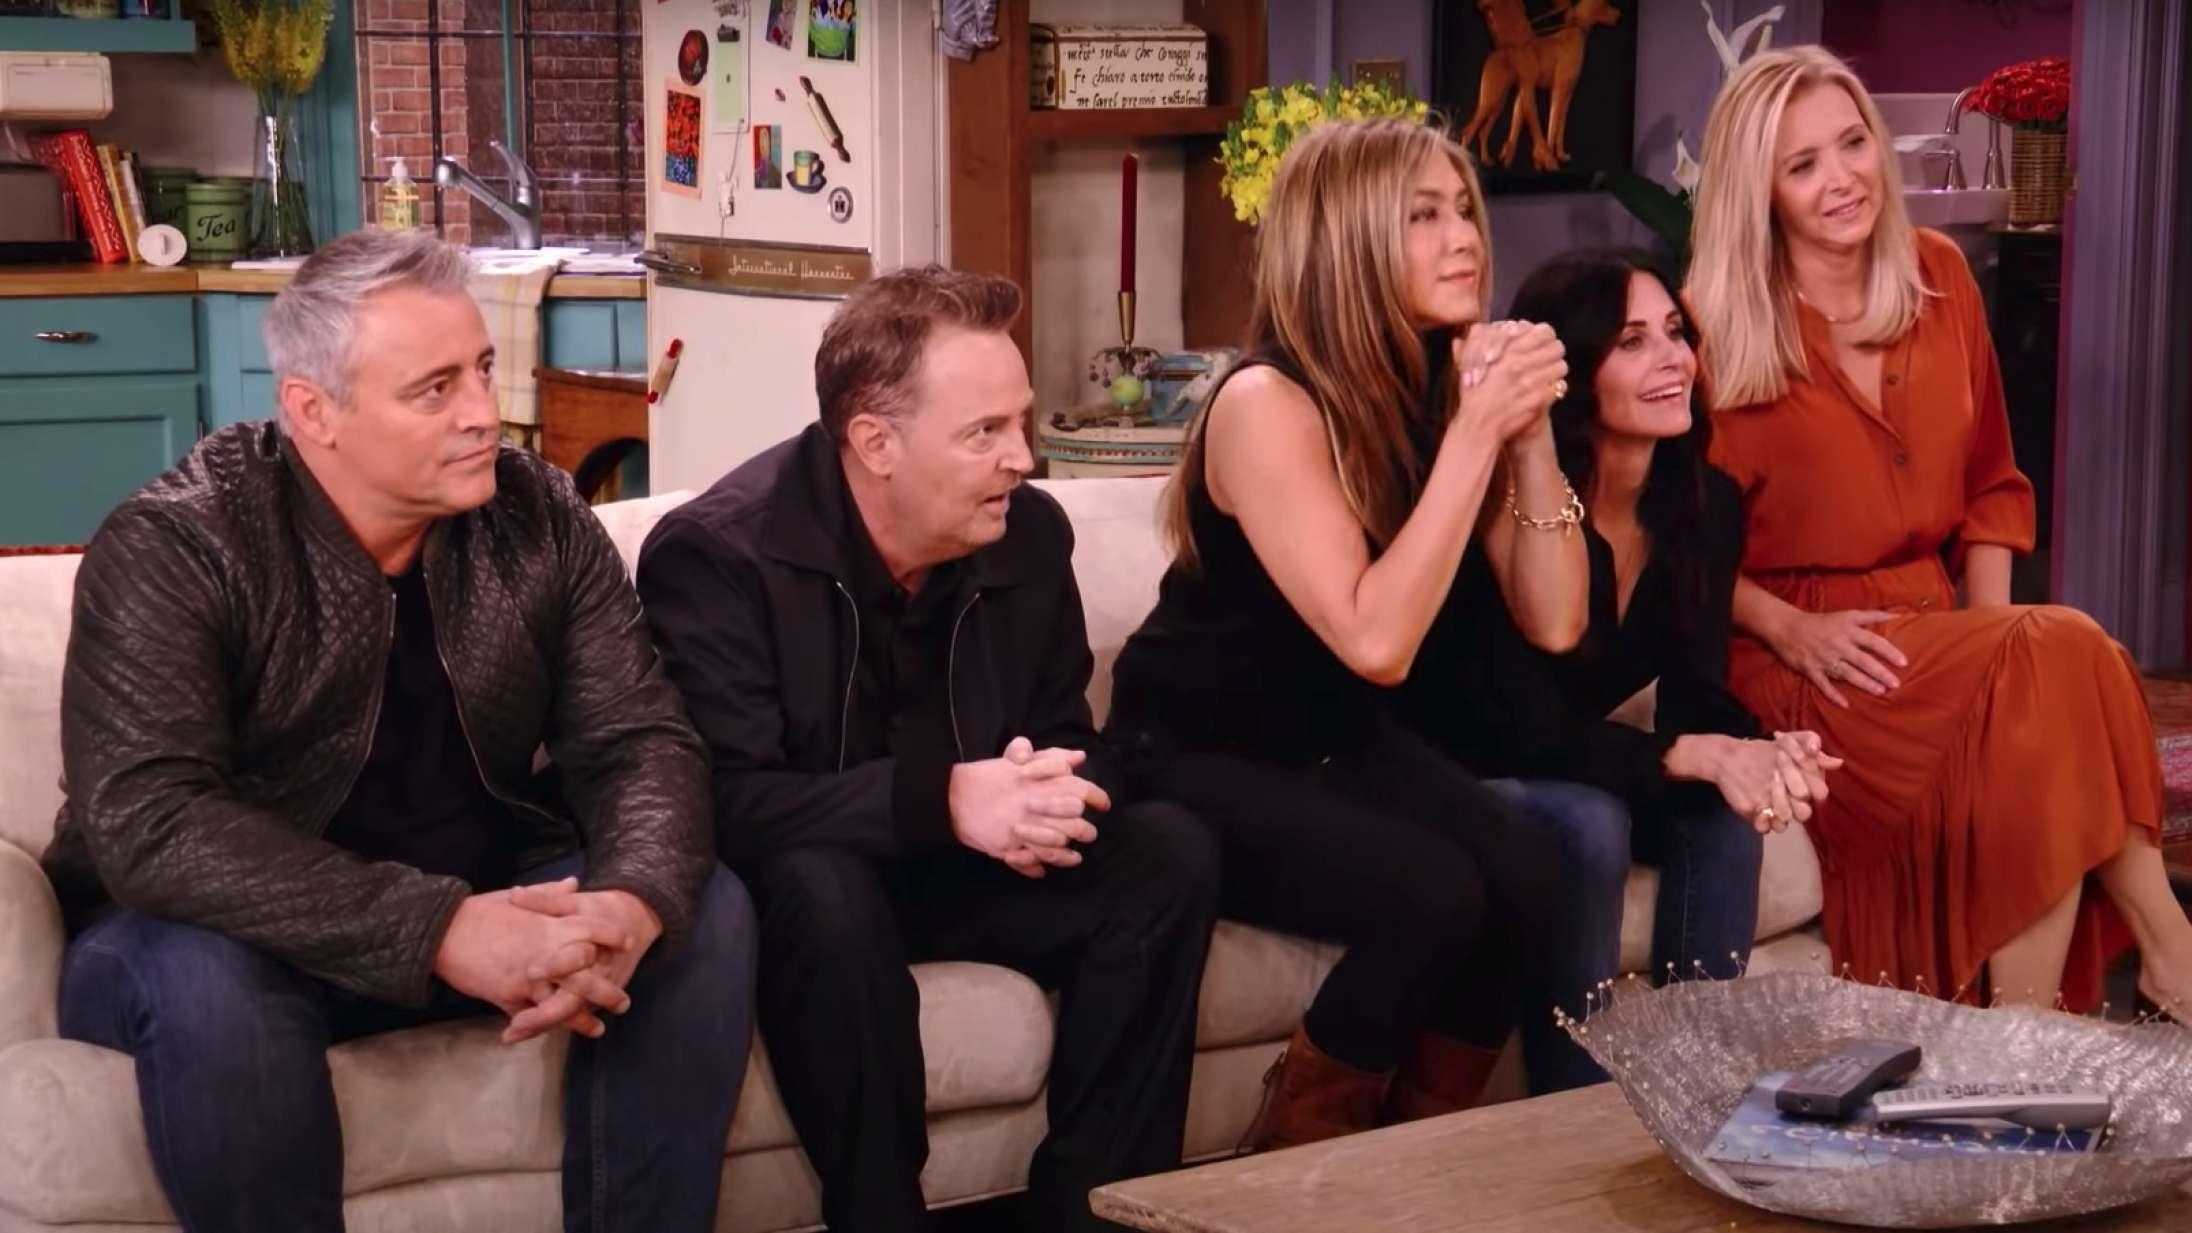 Lyt til Soundvenue Streamer: Den hvor 'Friends: The Reunion' tvinger kynikerne i knæ